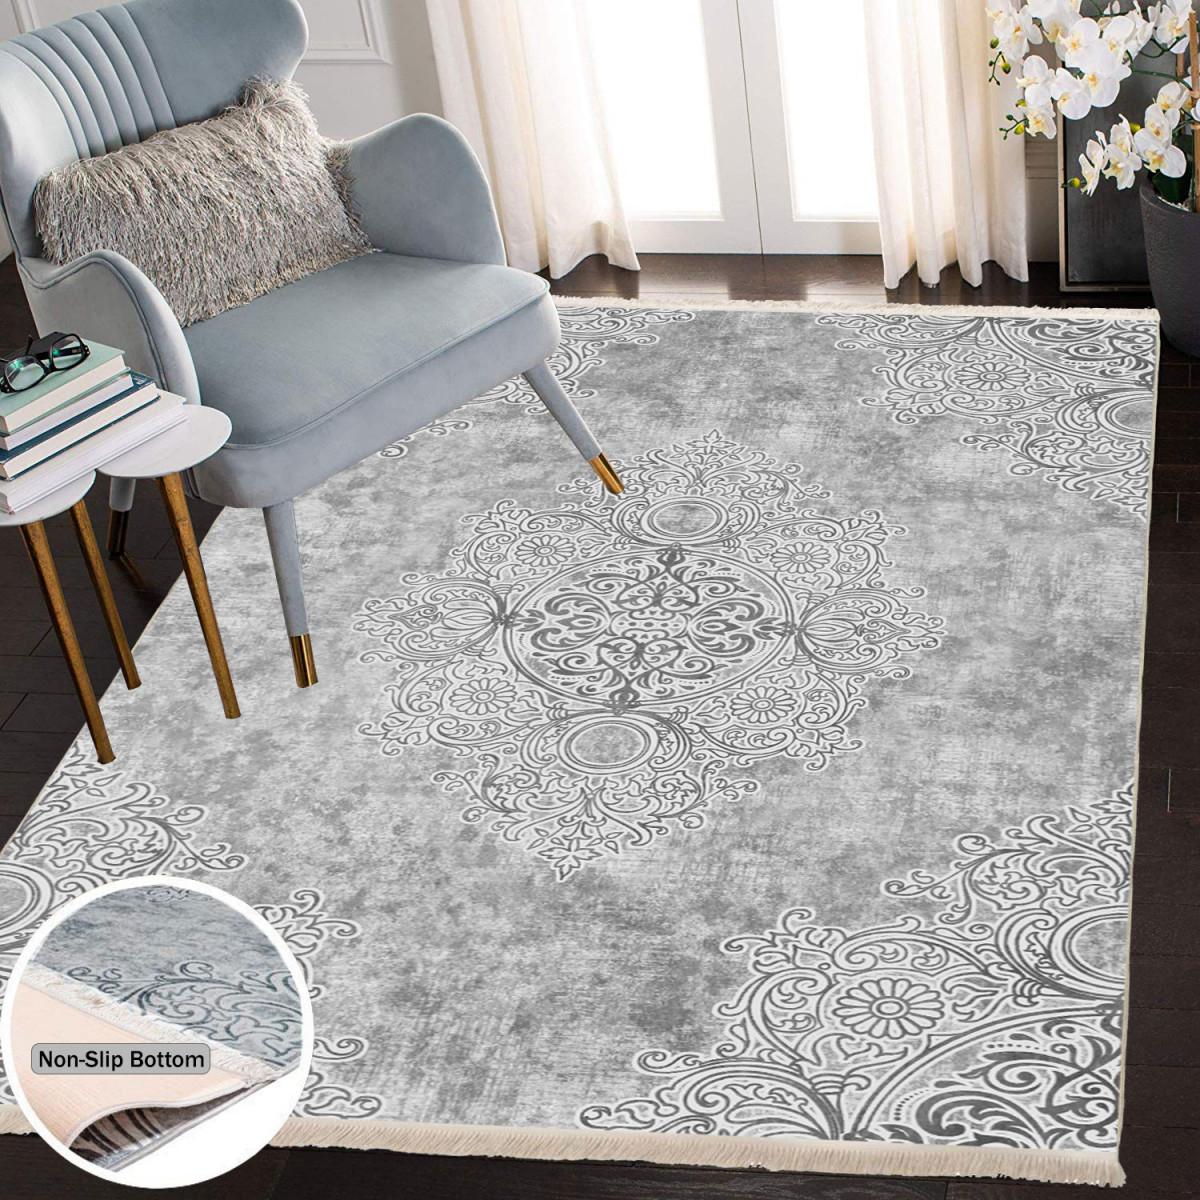 Waschbarer Teppich Für Wohnzimmer Küche Flur Teppichläufer Modern Versch  Größen  Gray von Teppich Waschbar Wohnzimmer Photo